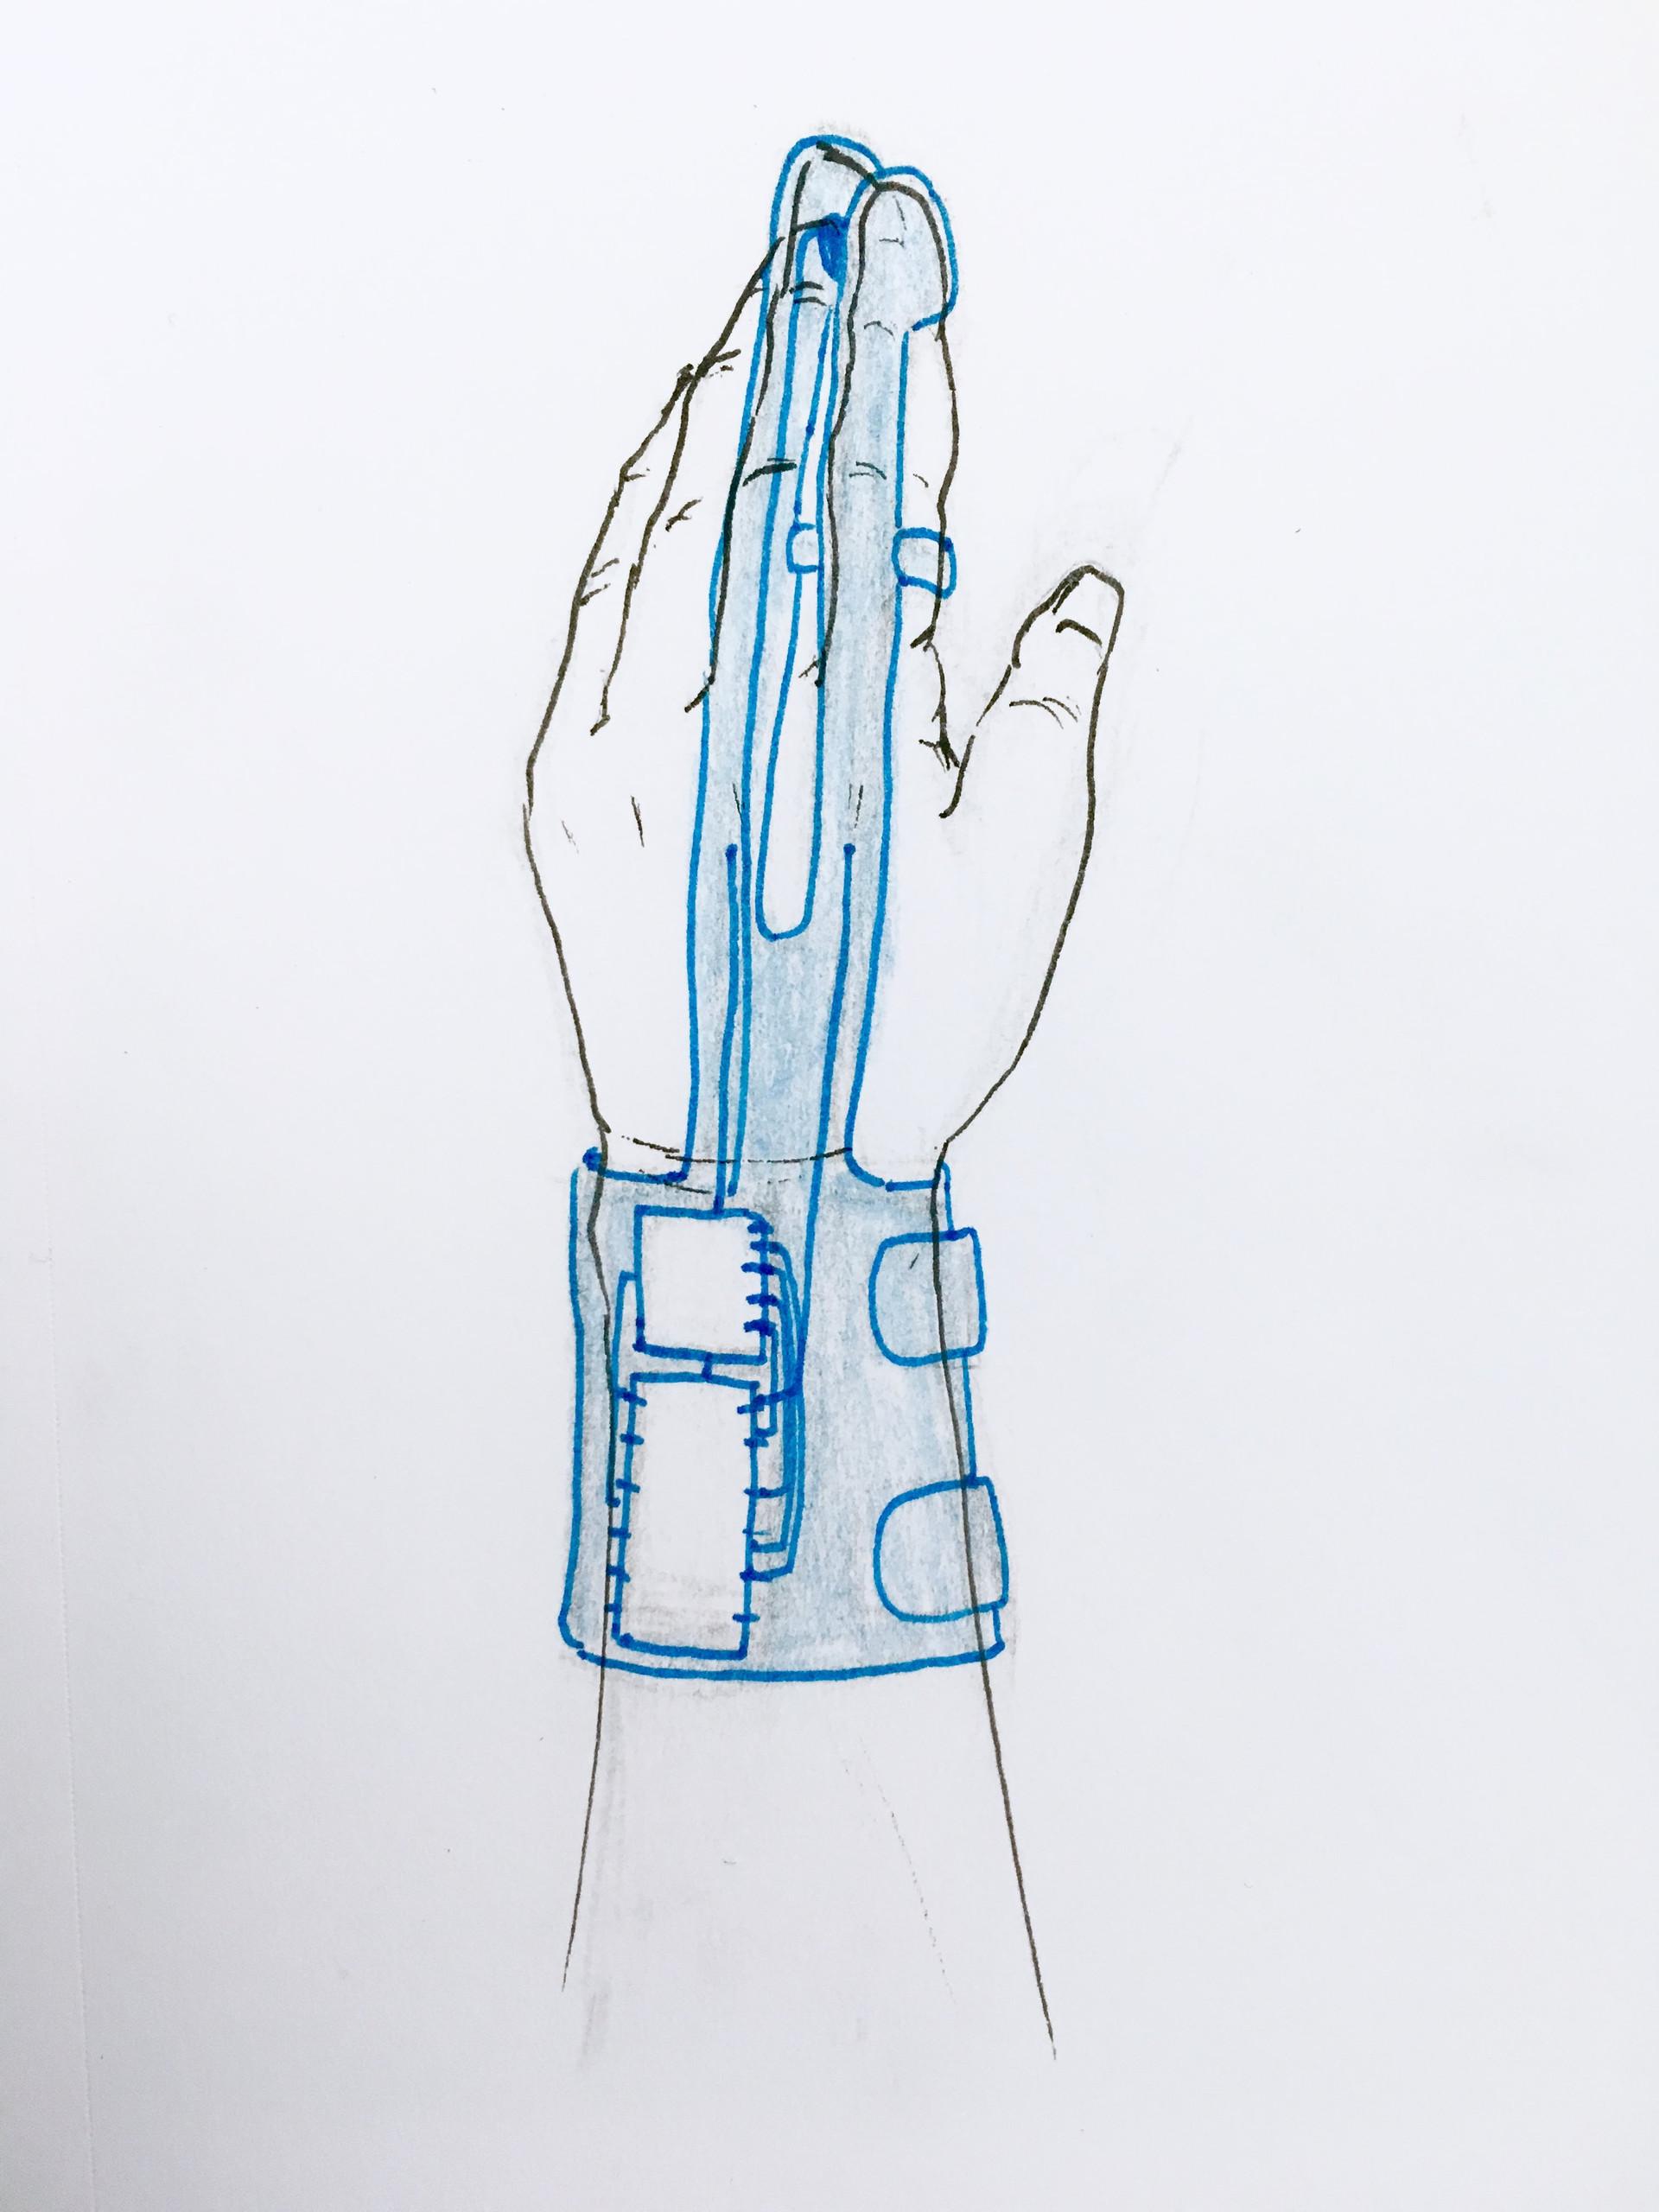 Initial glove design